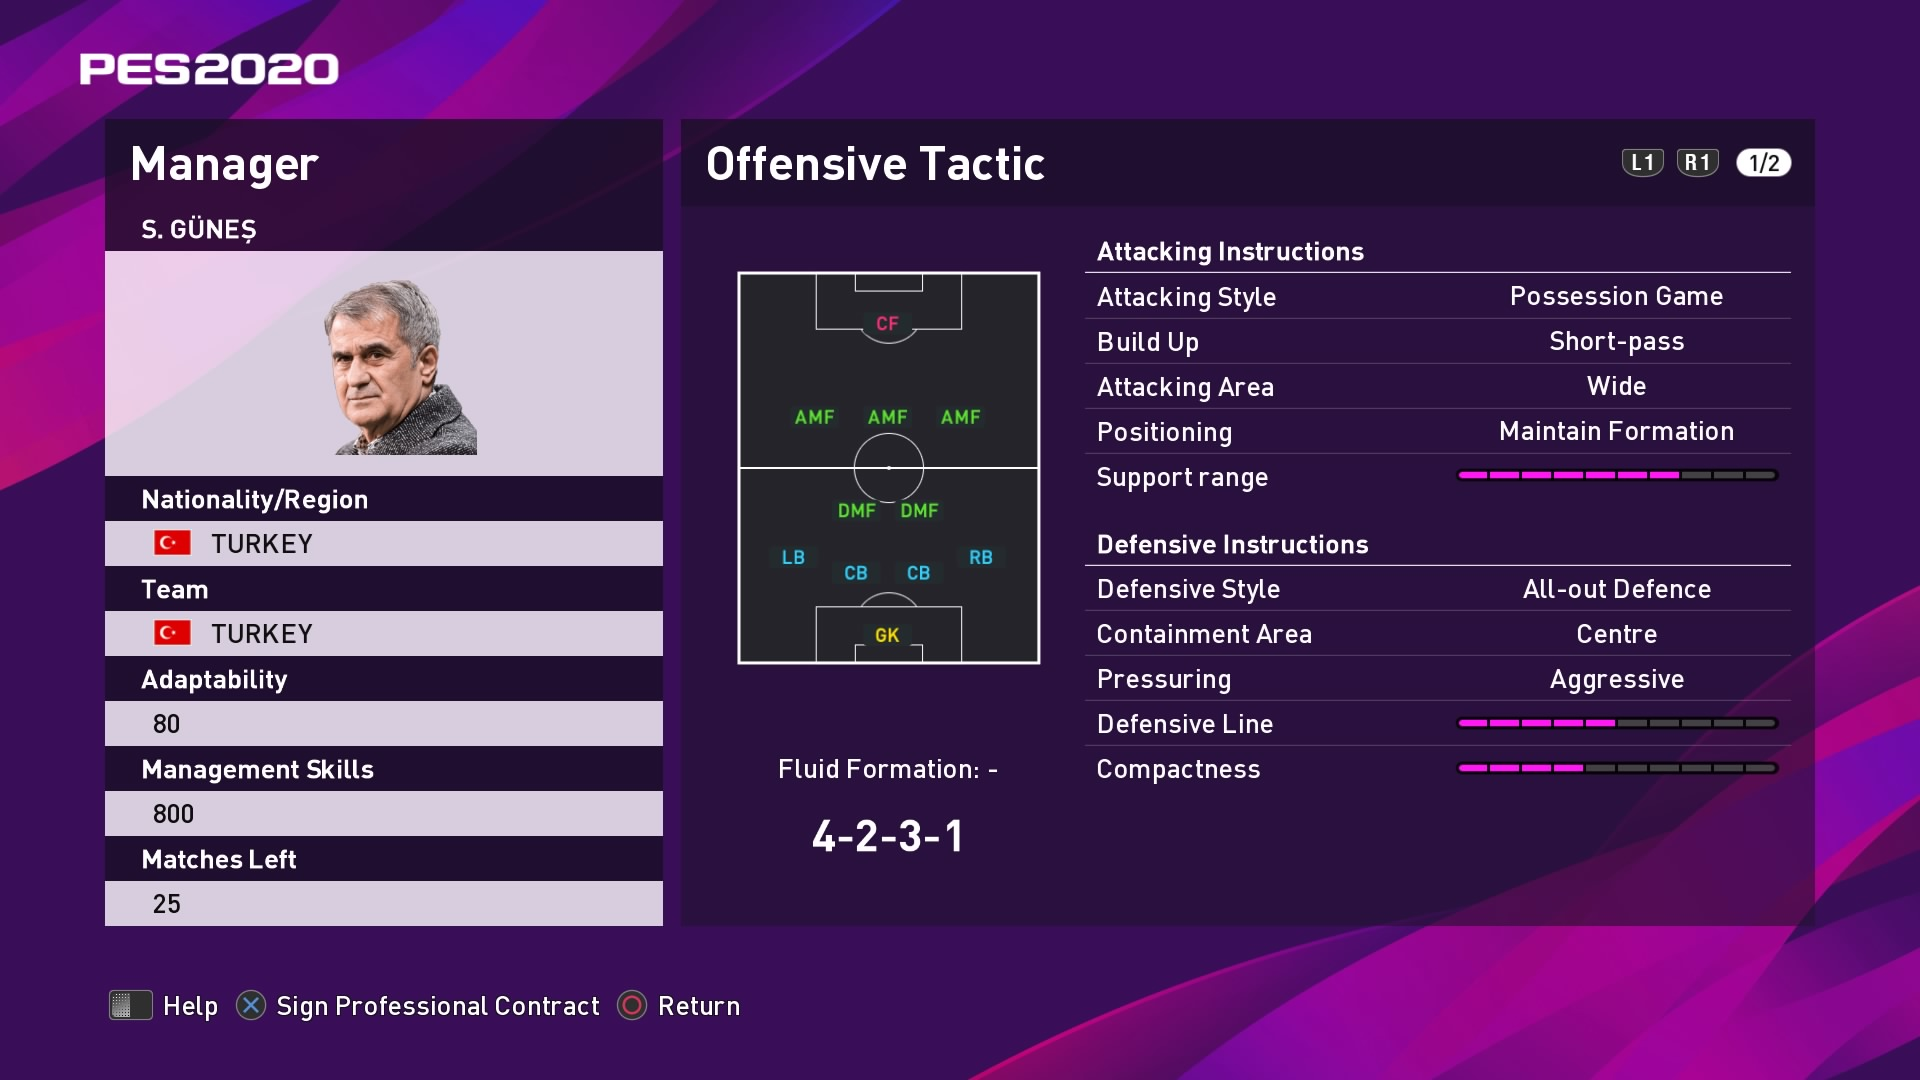 S. Gunes (Şenol Güneş) Offensive Tactic in PES 2020 myClub